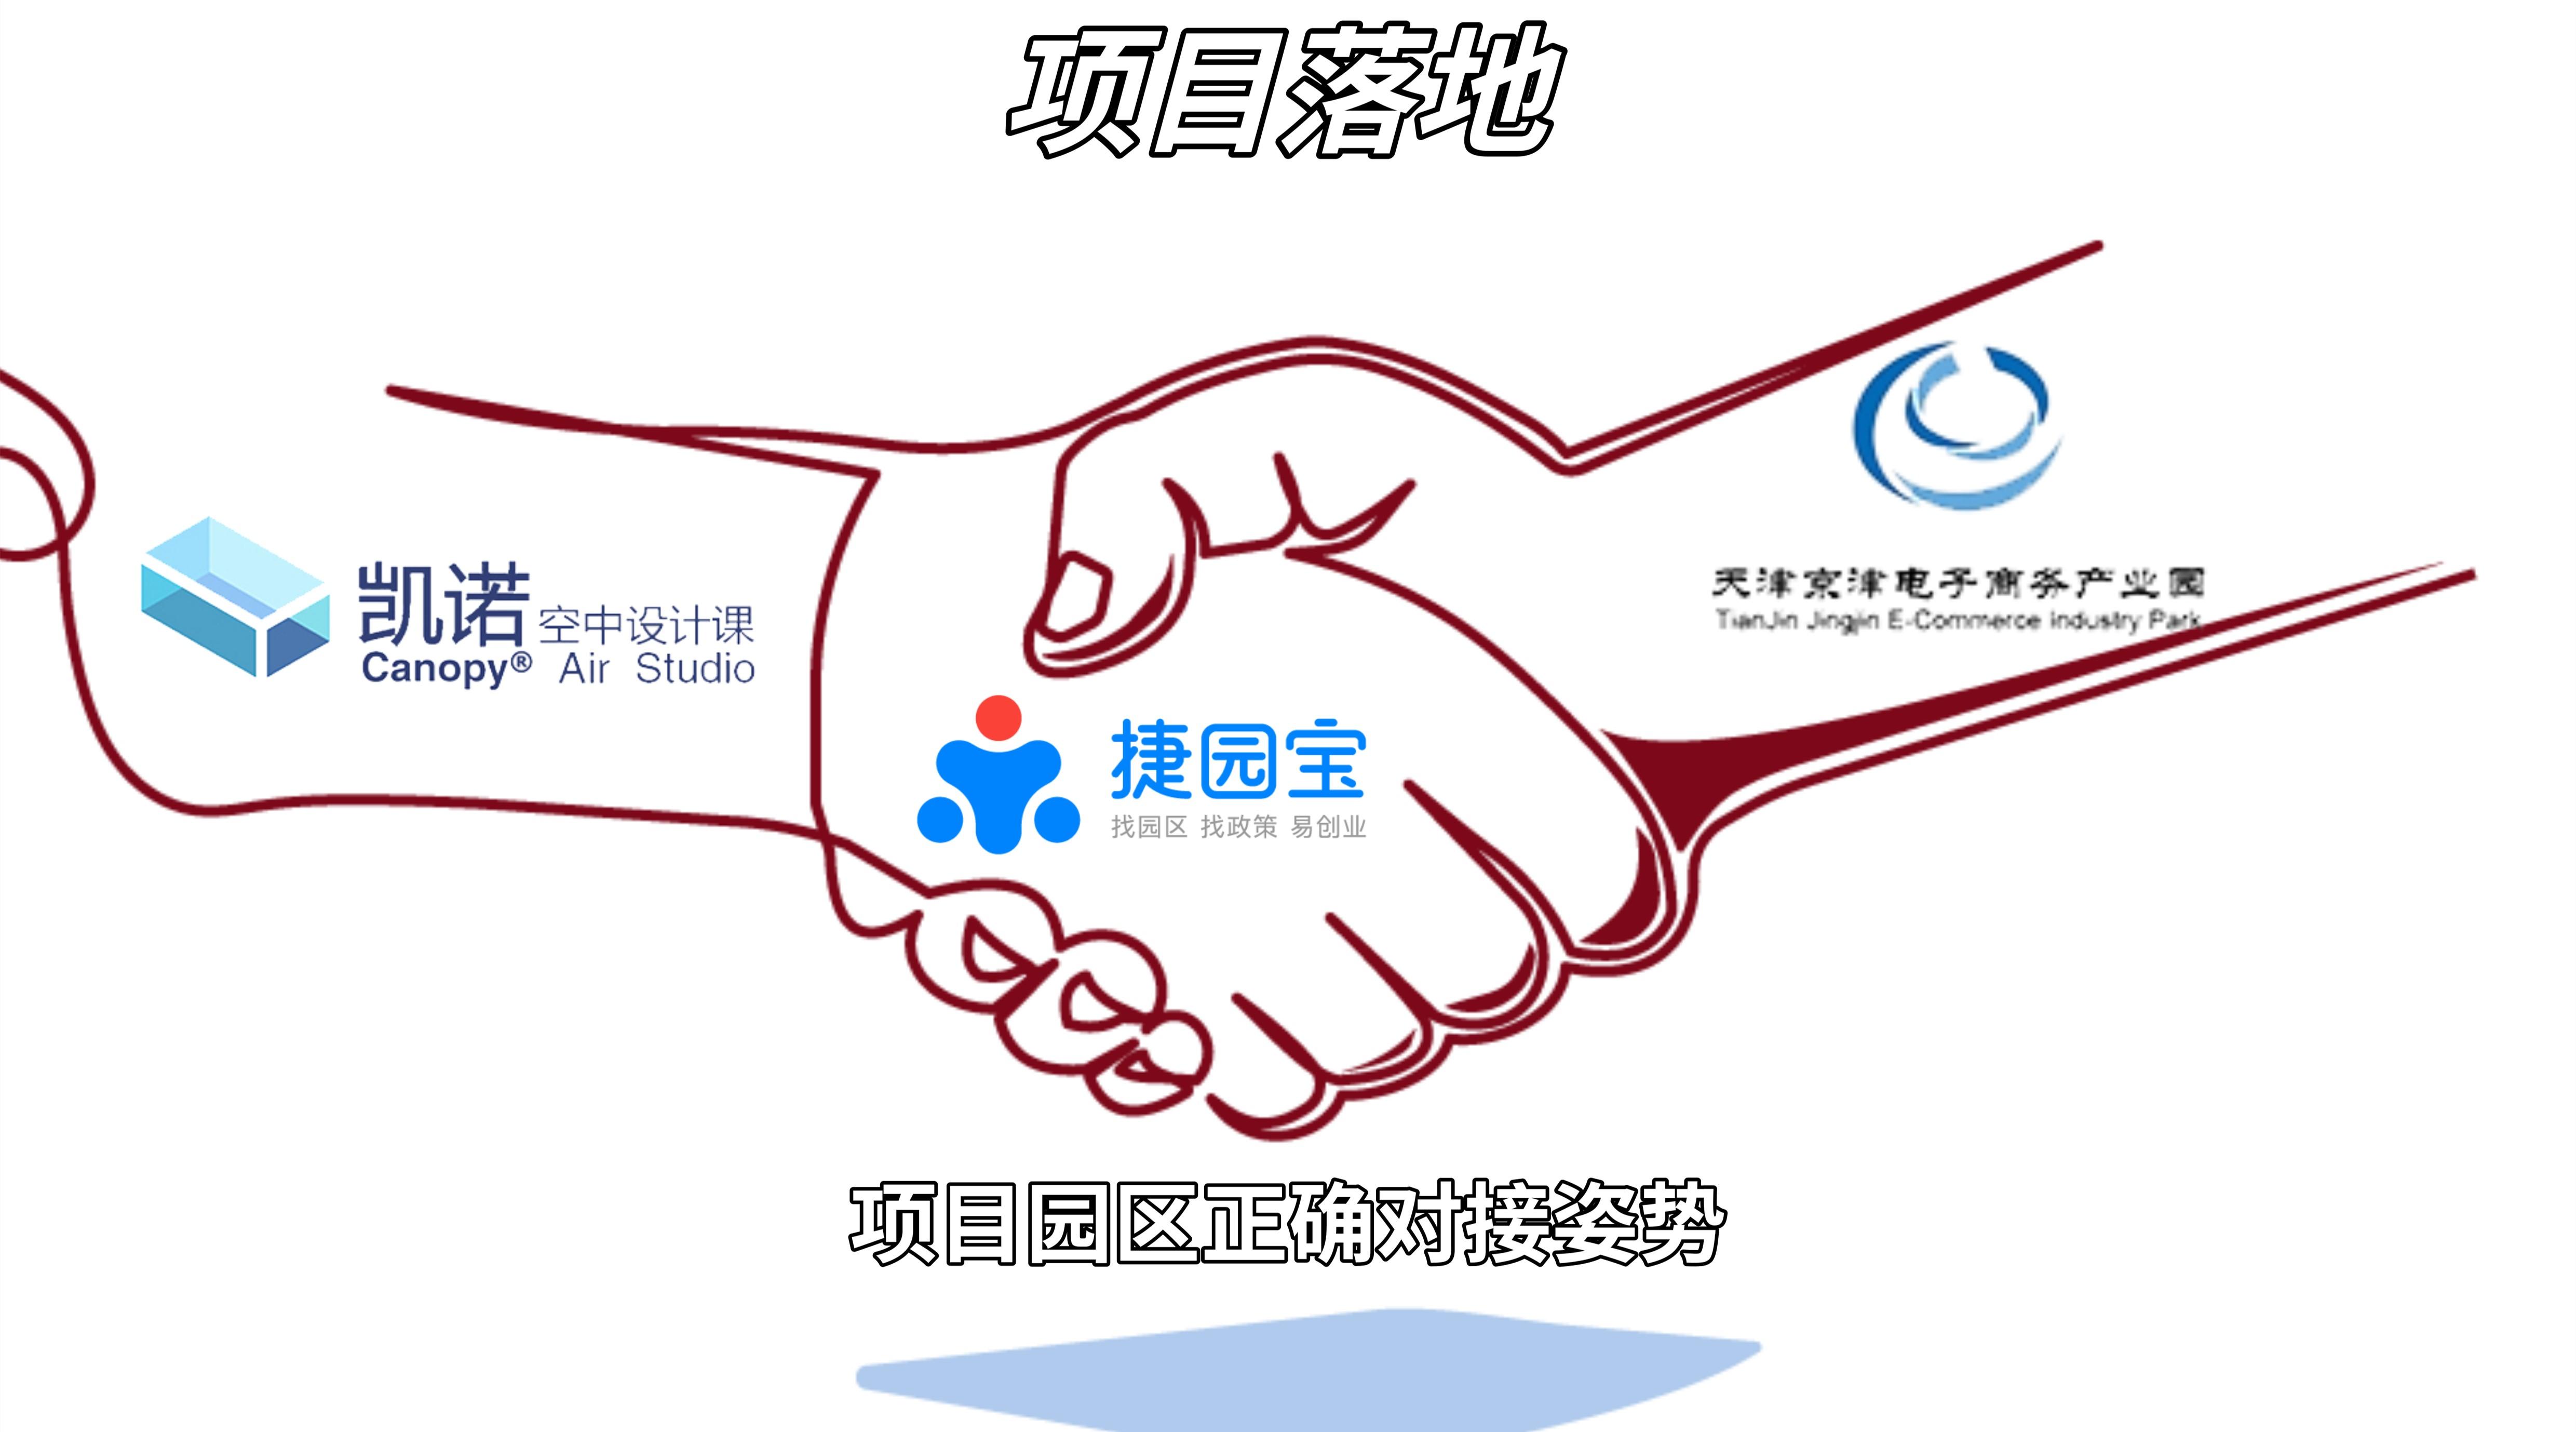 凯诺教育科技(天津)有限公司成功落地天津京津电子商务产业园!